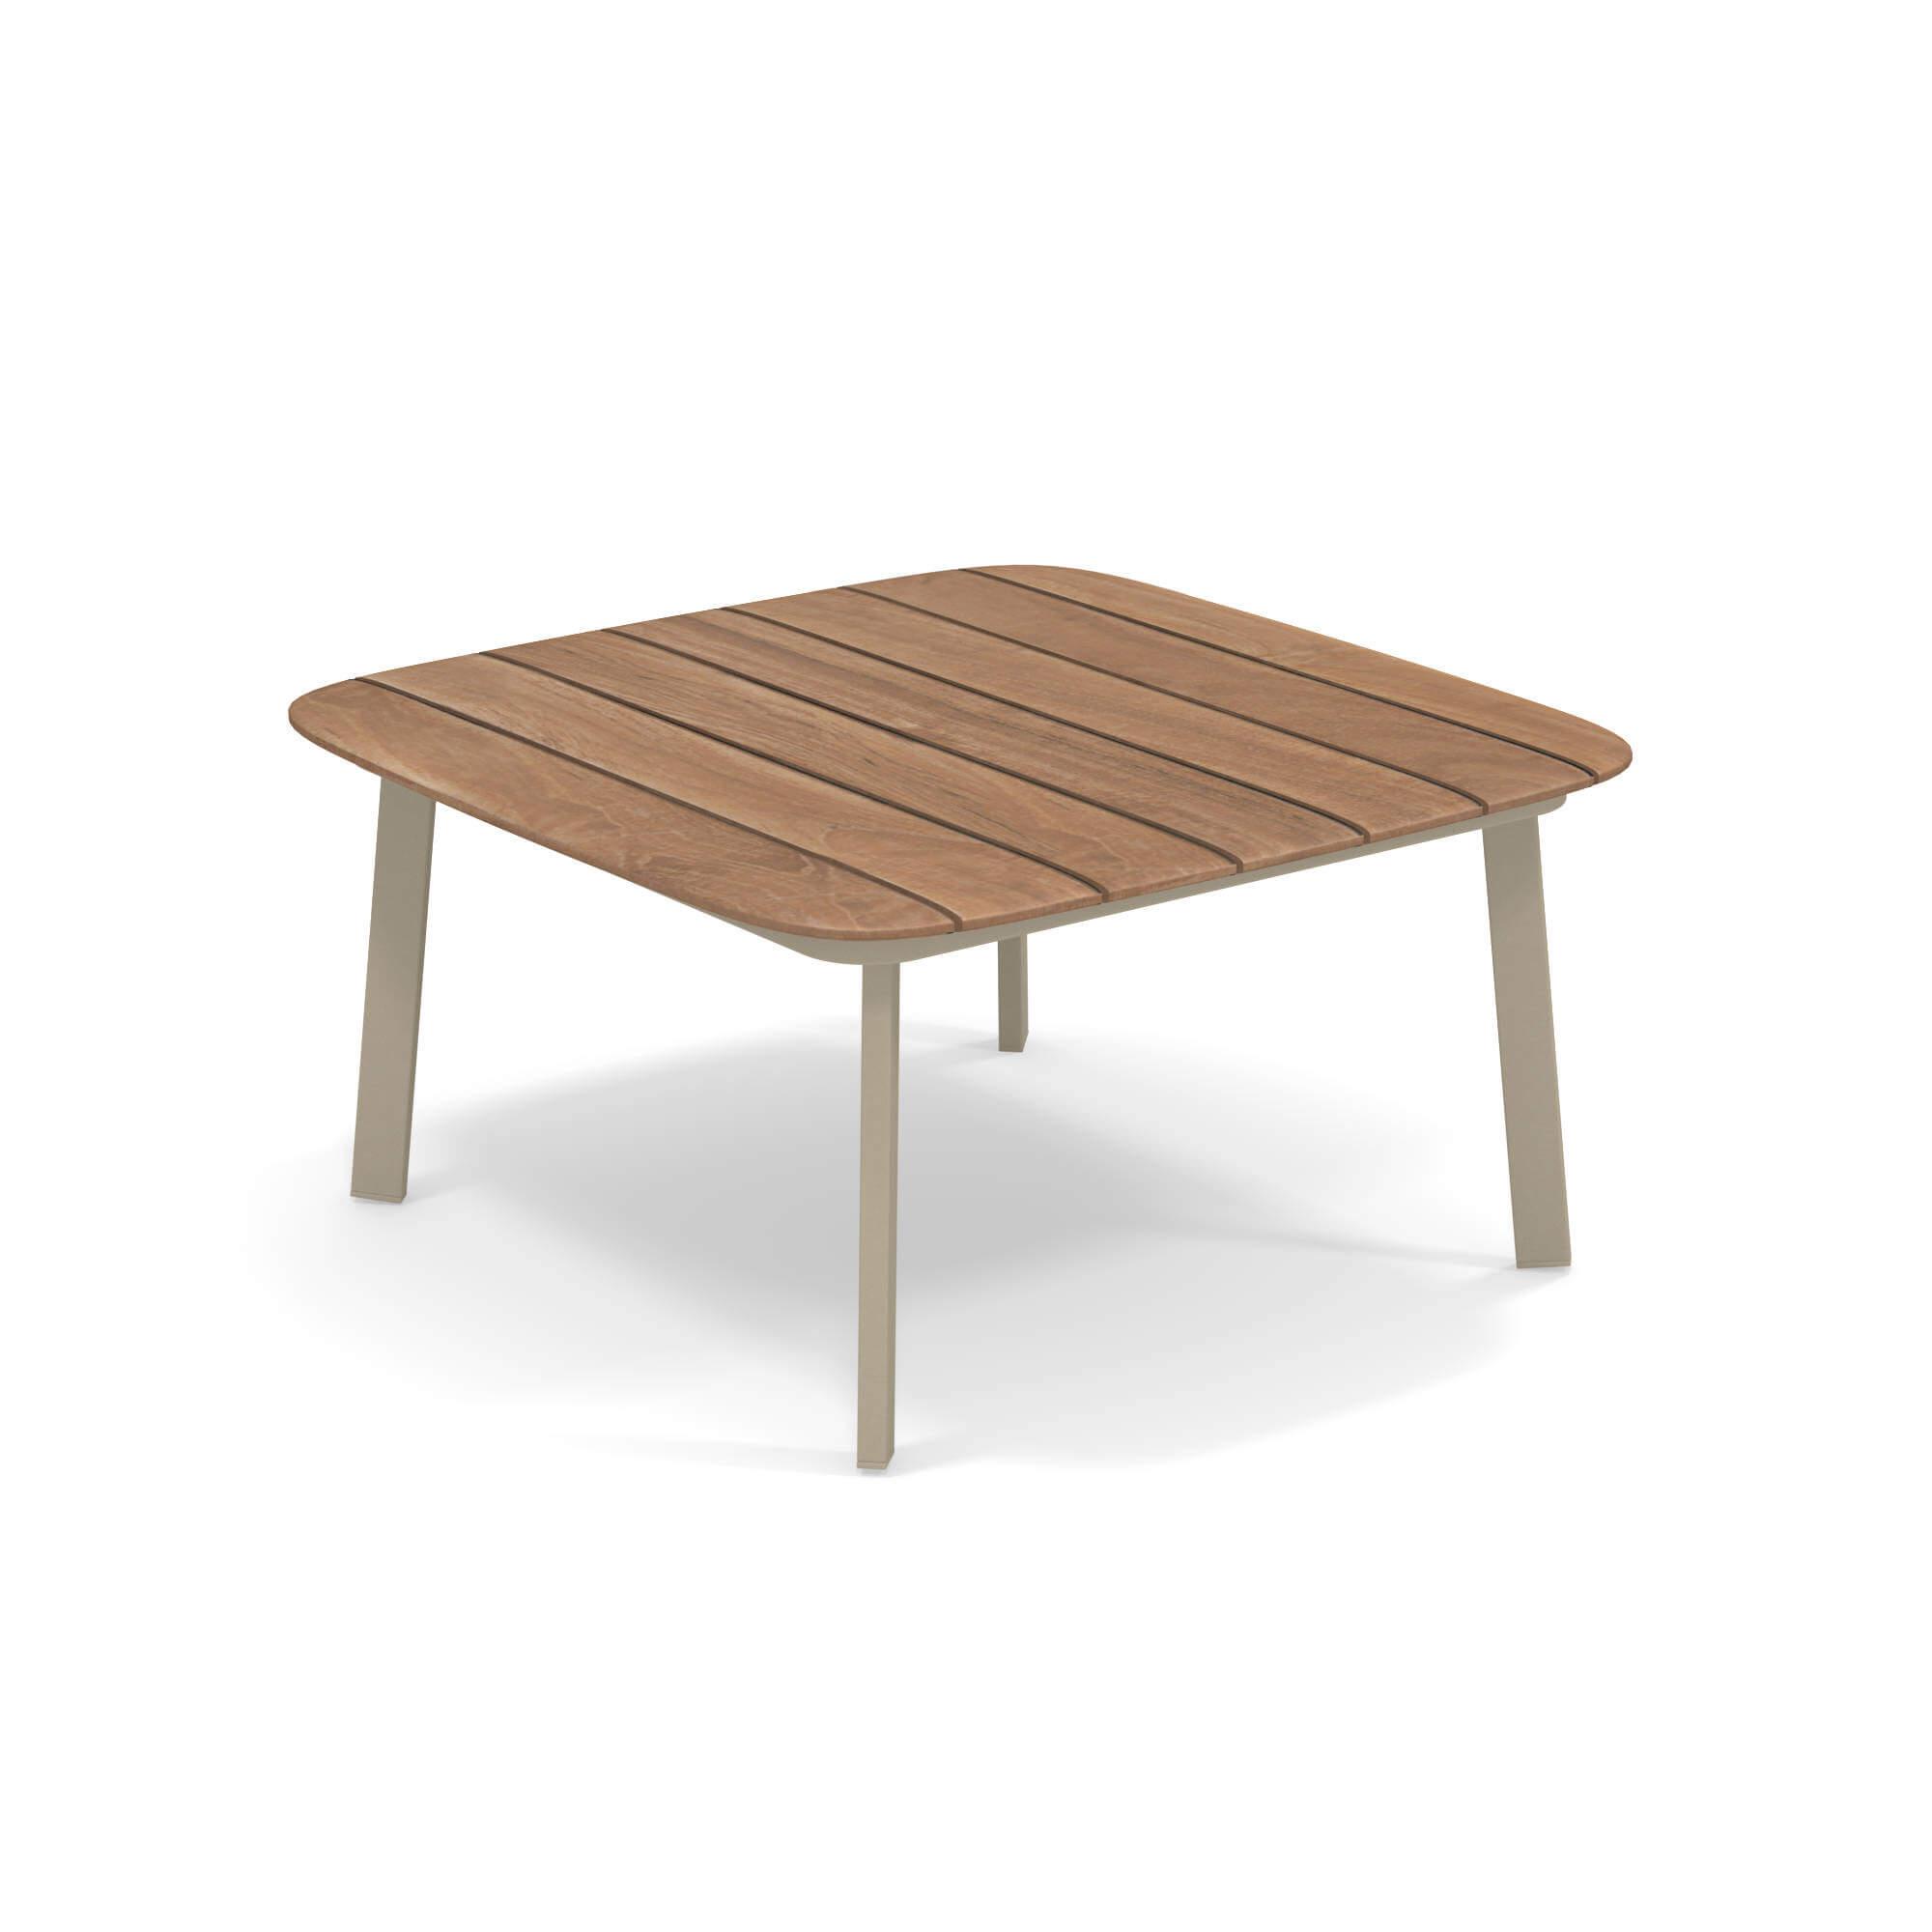 Table Basse Plateau En Teck 79x79 Pour Jardin Extérieur En